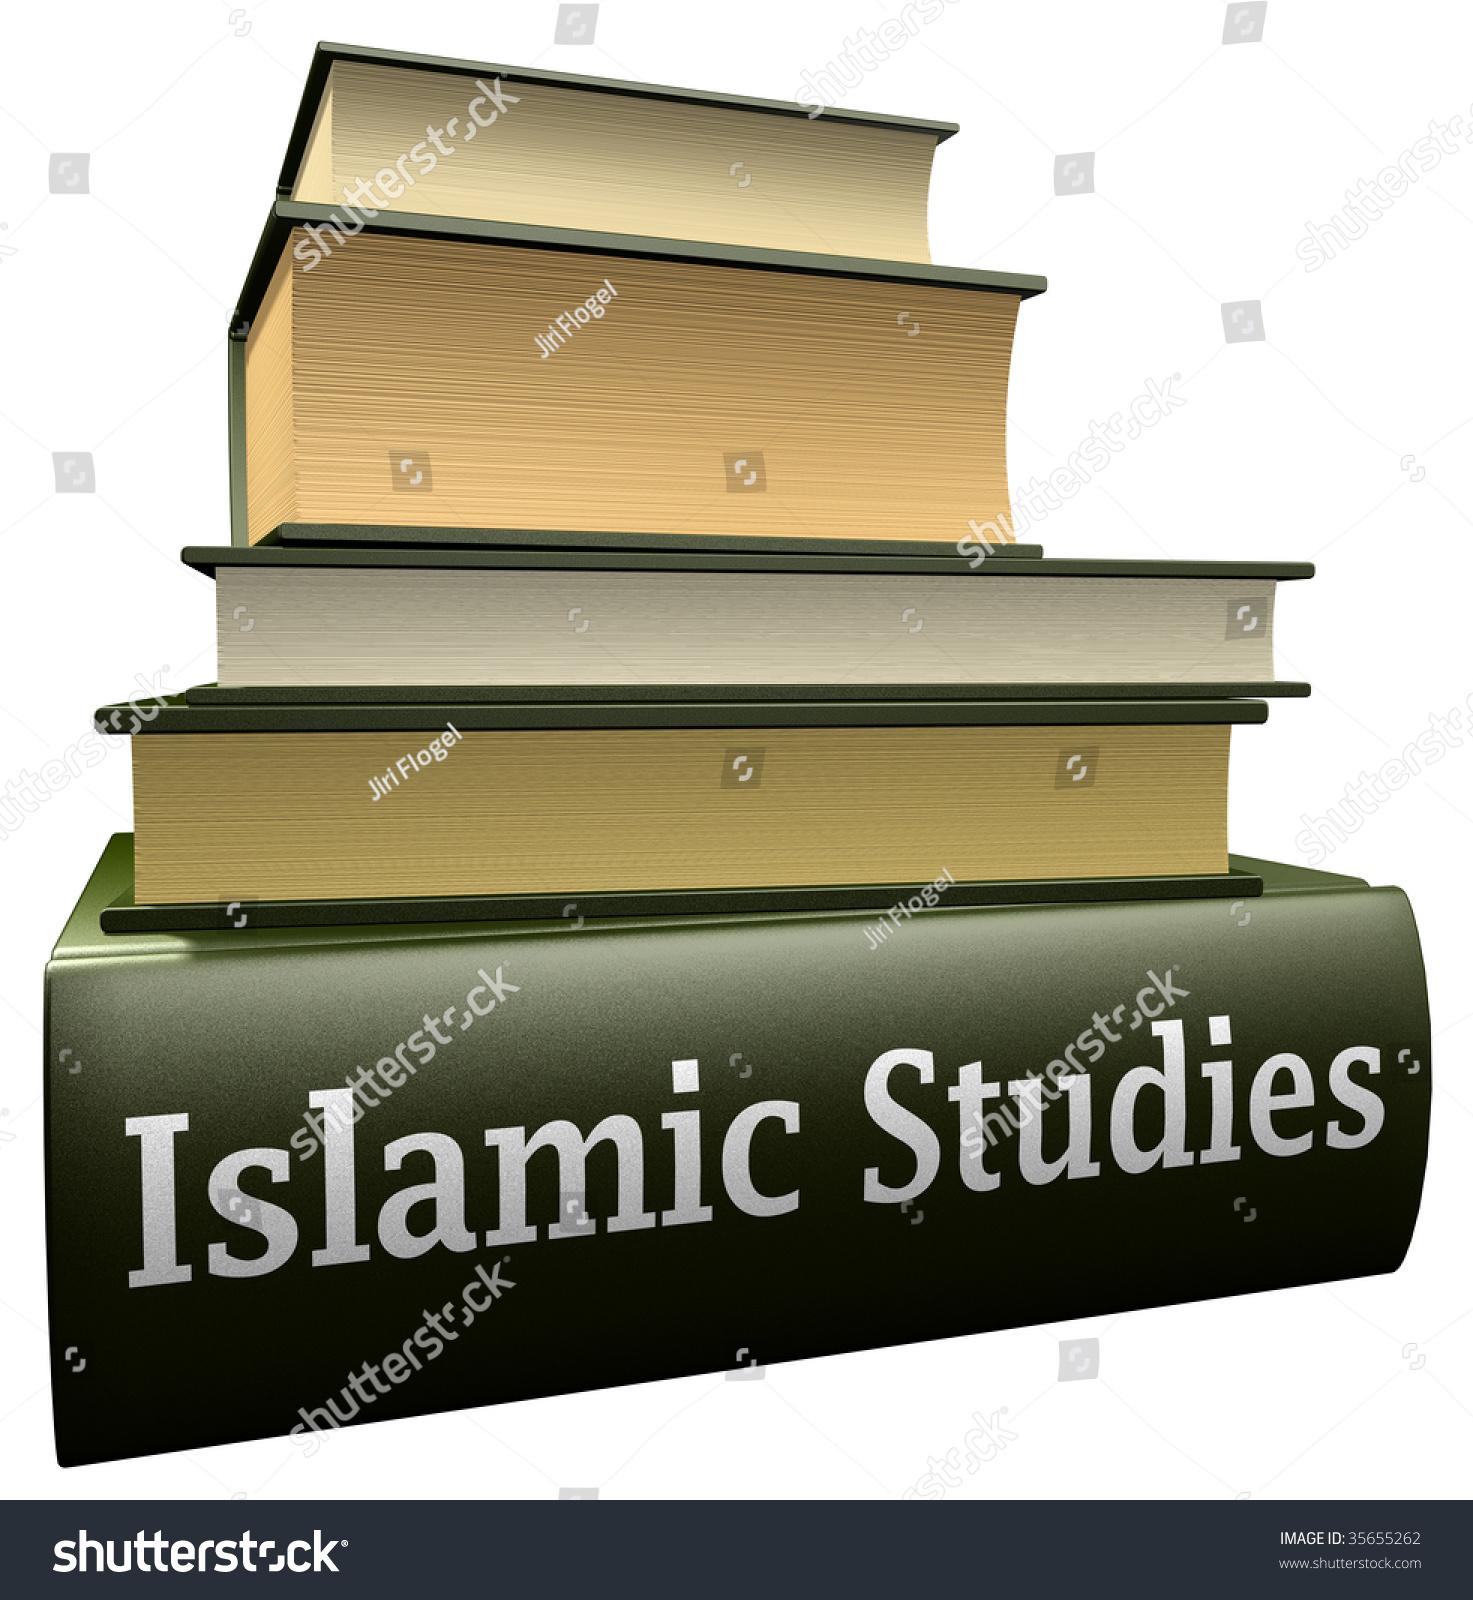 Islamic Studies Stock Photo 35655262